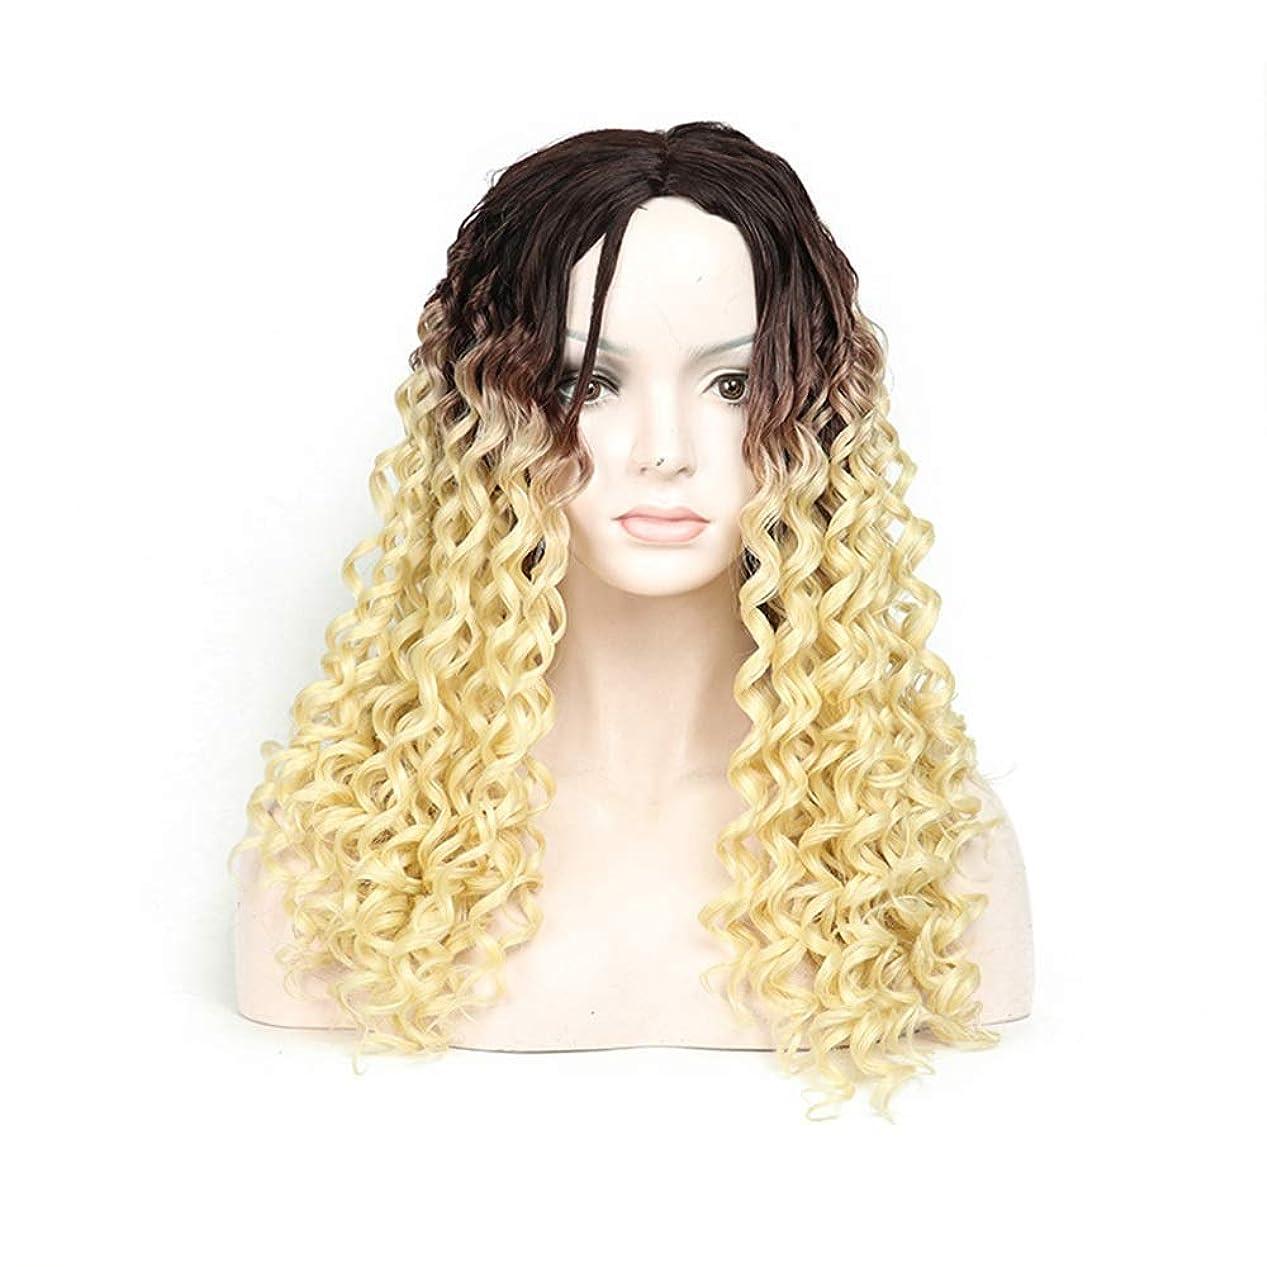 天使ダルセットバルセロナHOHYLLYA 613#美容女性のファッション黒のグラデーションブロンドの髪の長い巻き毛のかつら毎日のドレスパーティーのかつら (色 : Blonde)